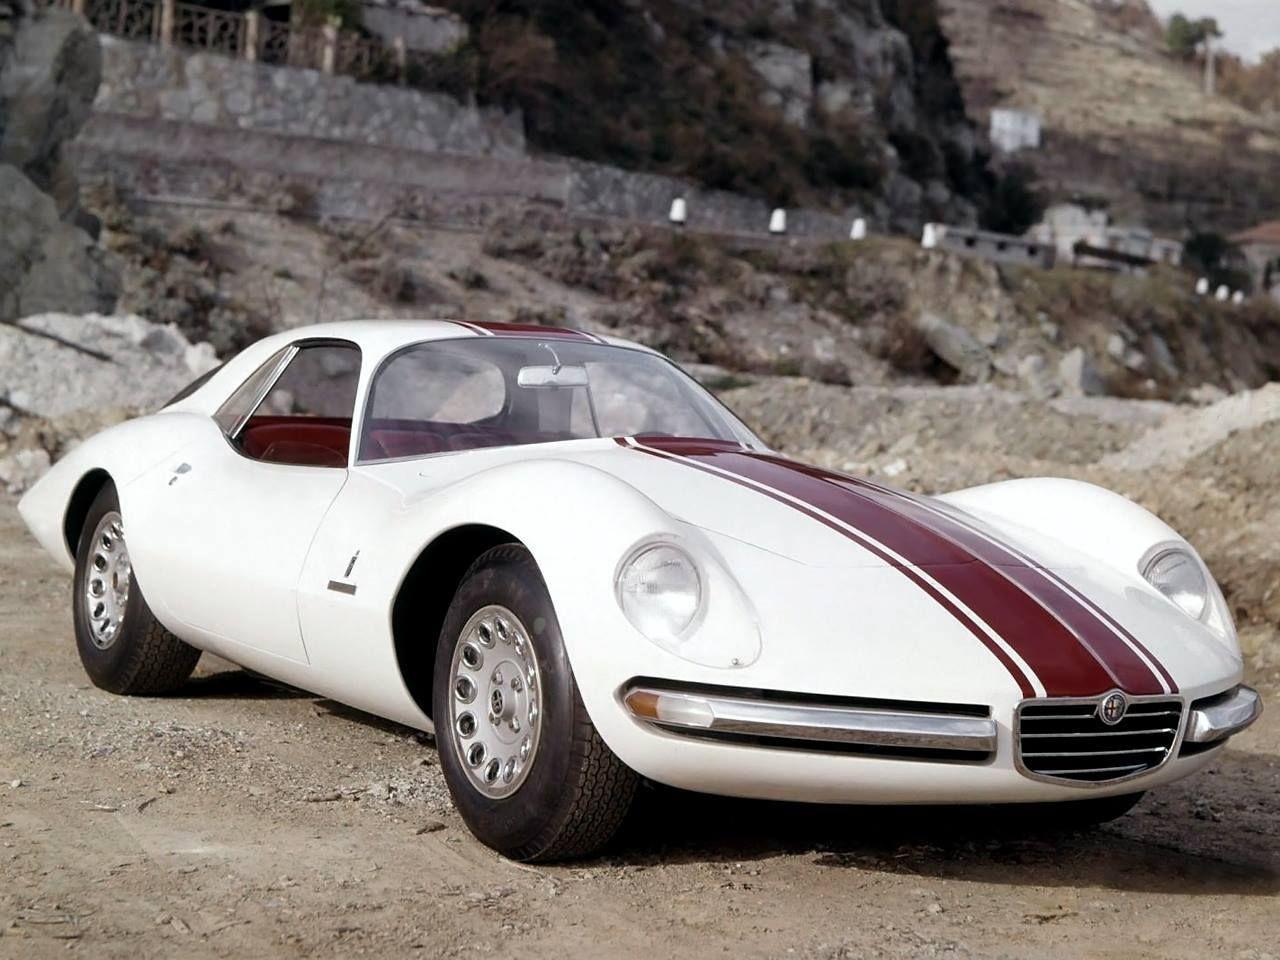 Alfa Romeo Giulia 1600 Sport Coupé 105 1965 pinterest com 8f3847229b527bf8f749ff87937b9e4d